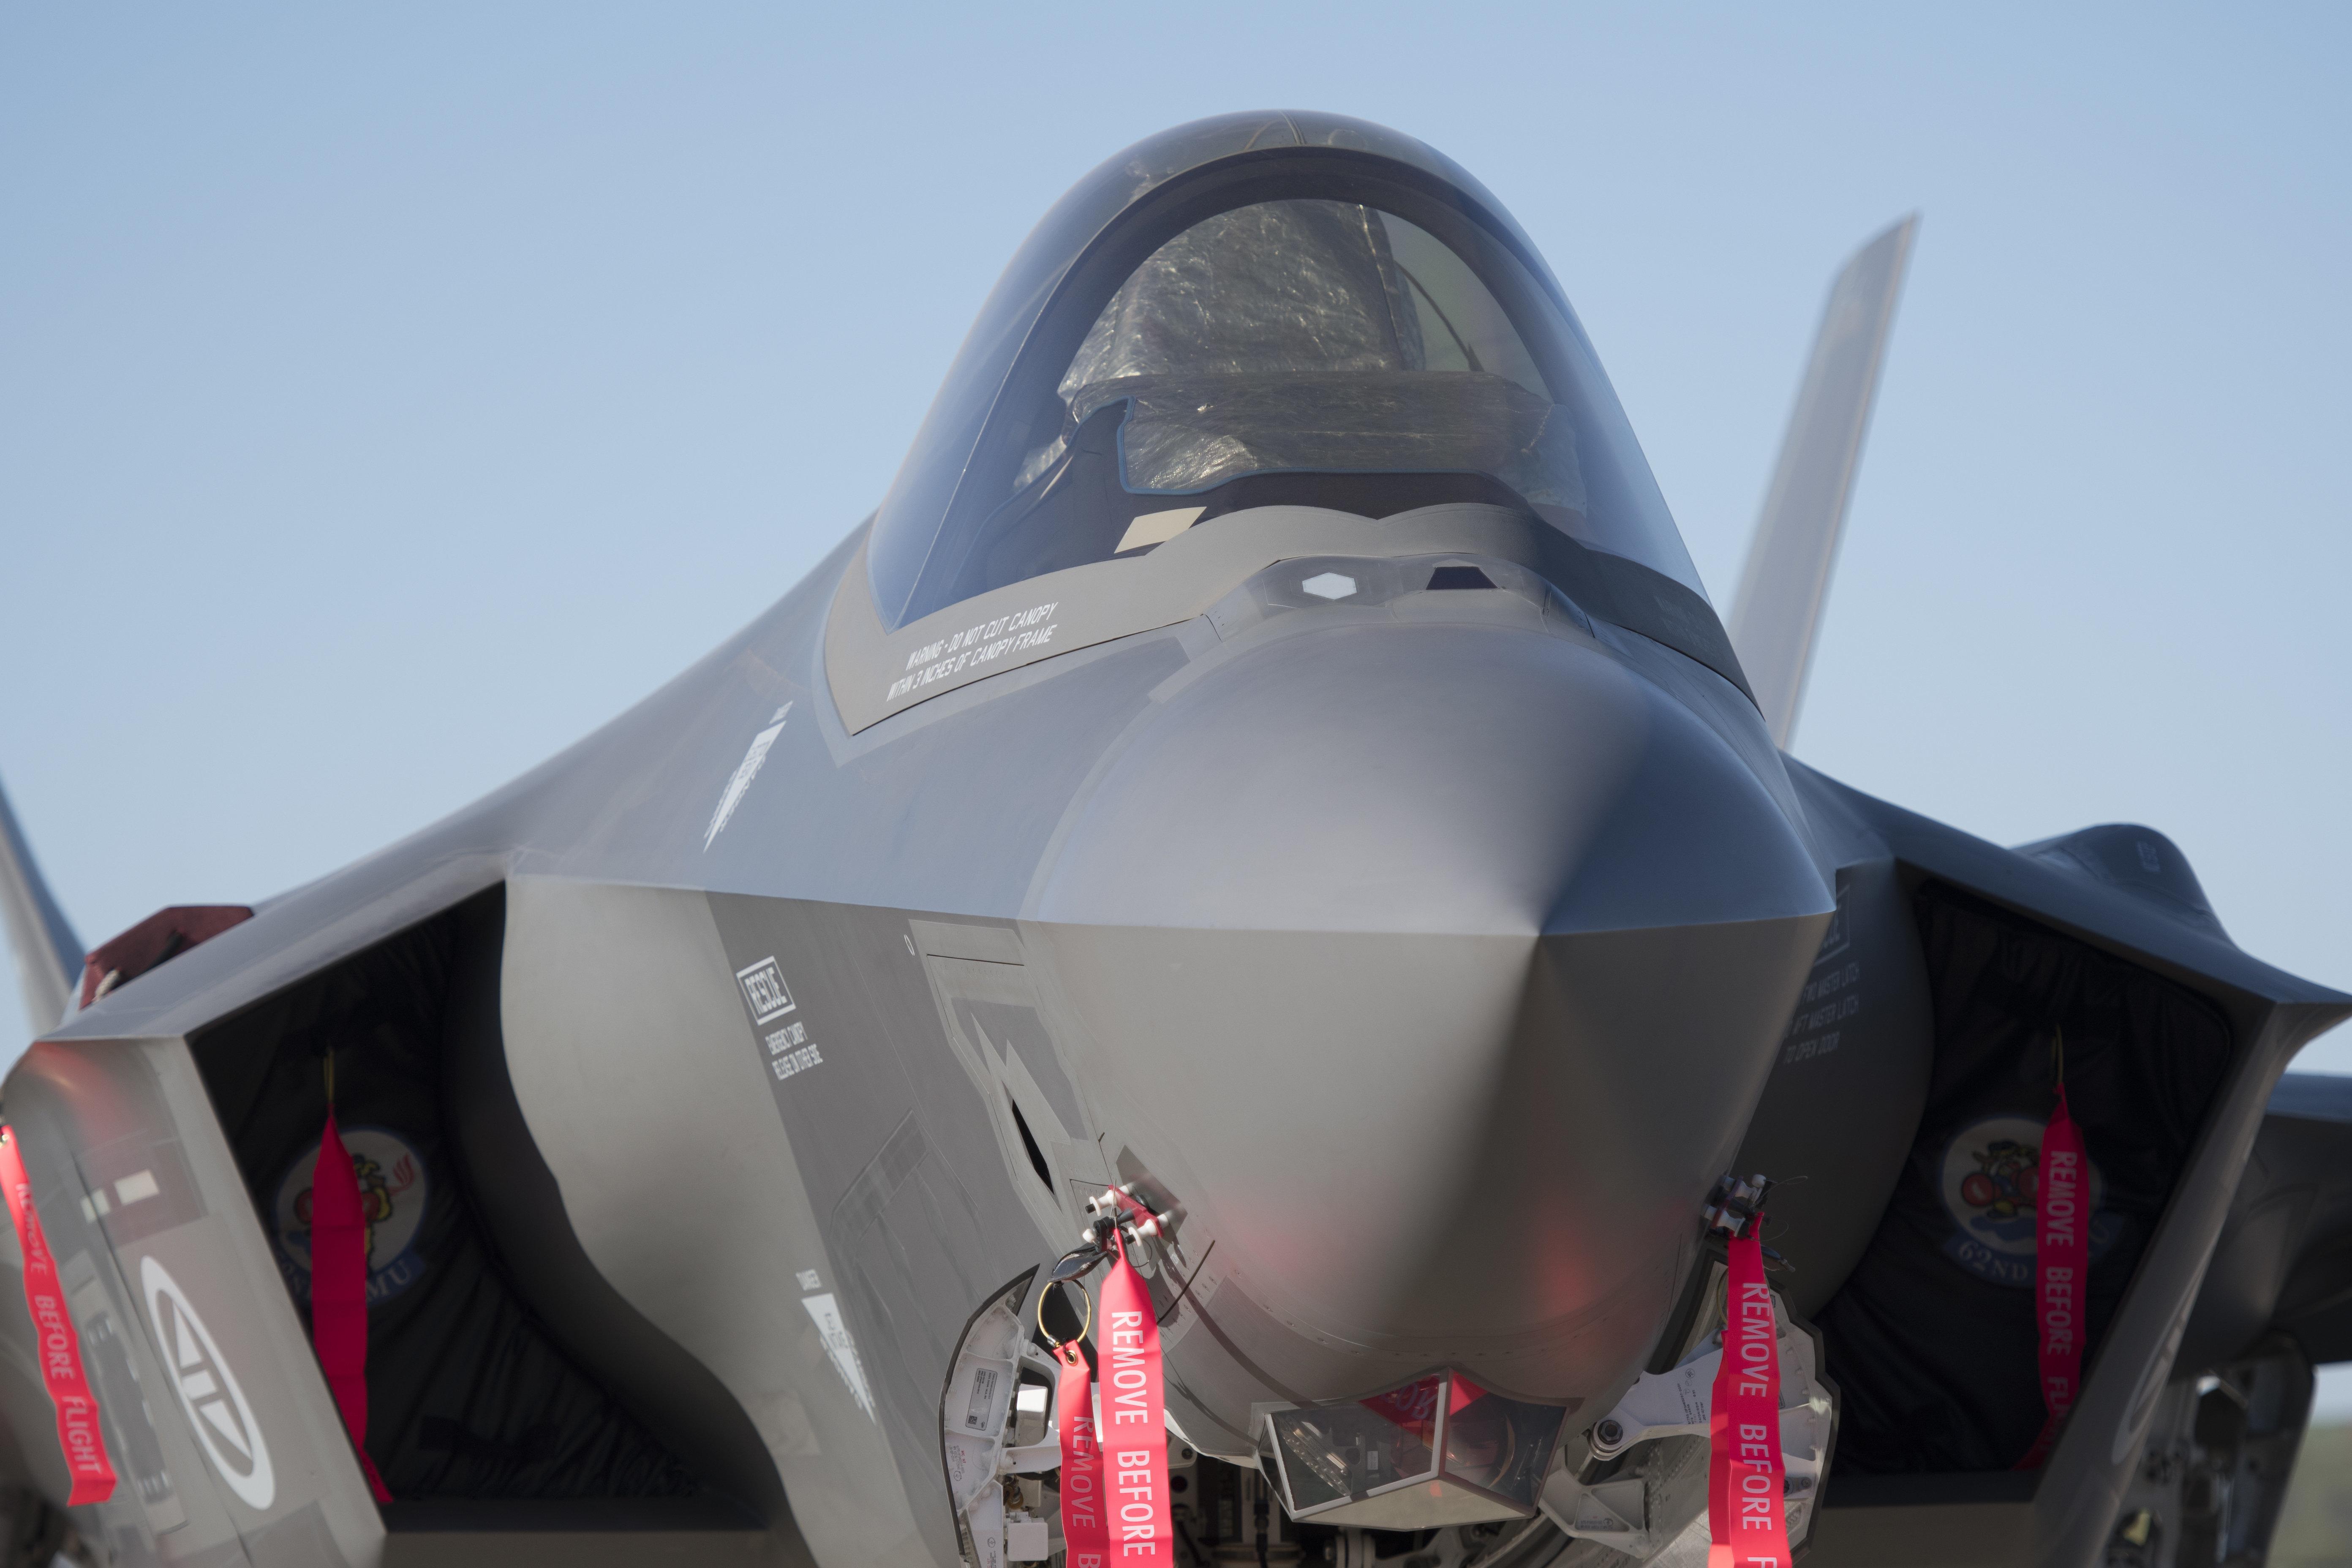 Και νέα προσπάθεια γερουσιαστών στις ΗΠΑ να μπλοκάρουν την παράδοση F-35 στην Τουρκία. Έχει προγραμματιστεί για τις 21